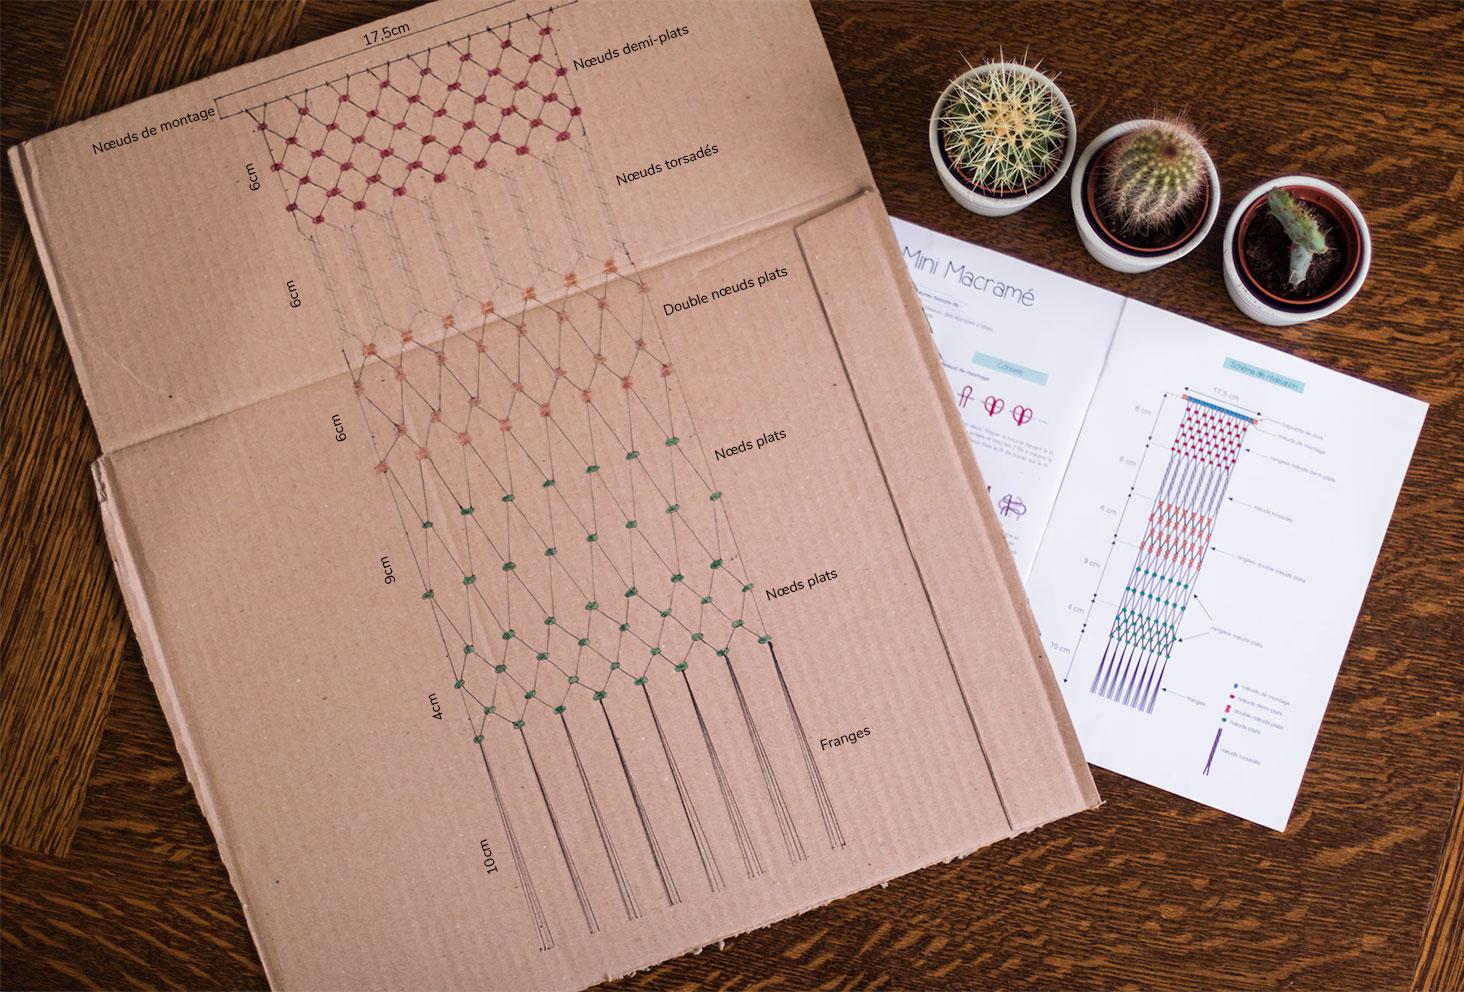 Schéma fait en dessin sur un carton d'un macramé avec mesures des noeuds